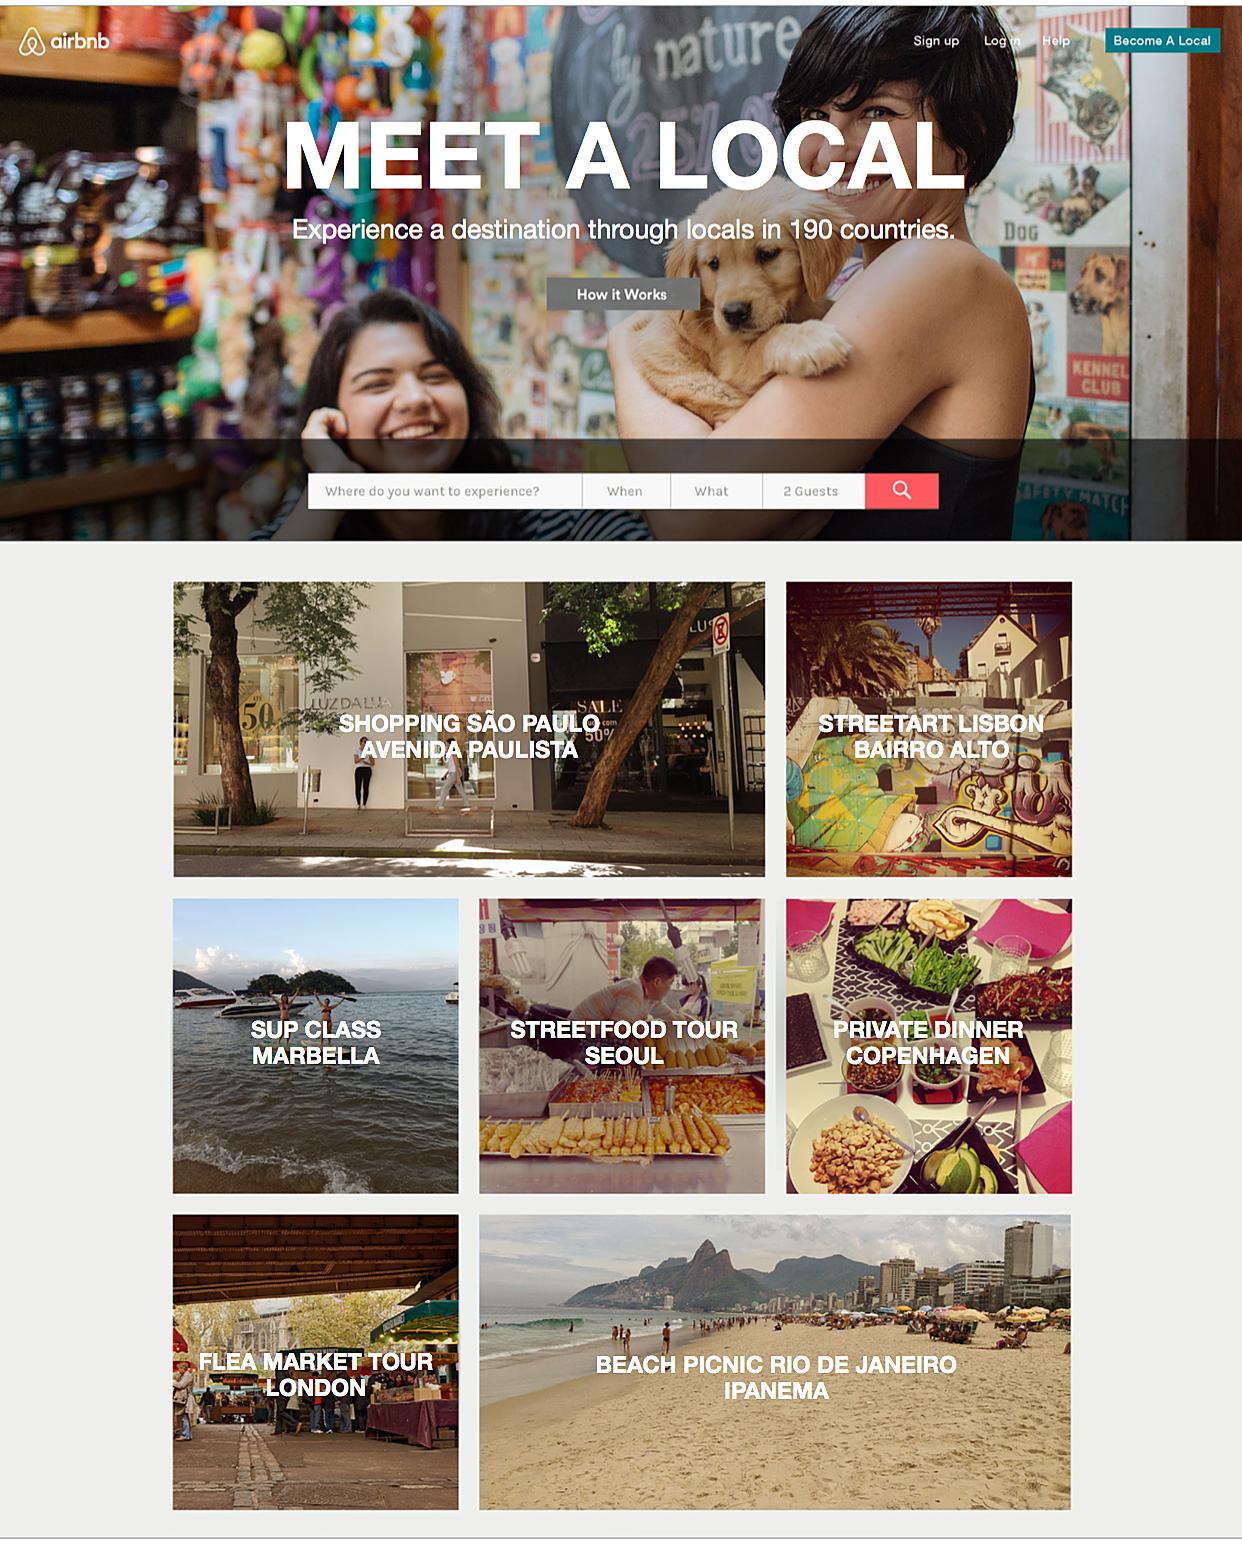 meet-a-local---x----1242-1550x---.png